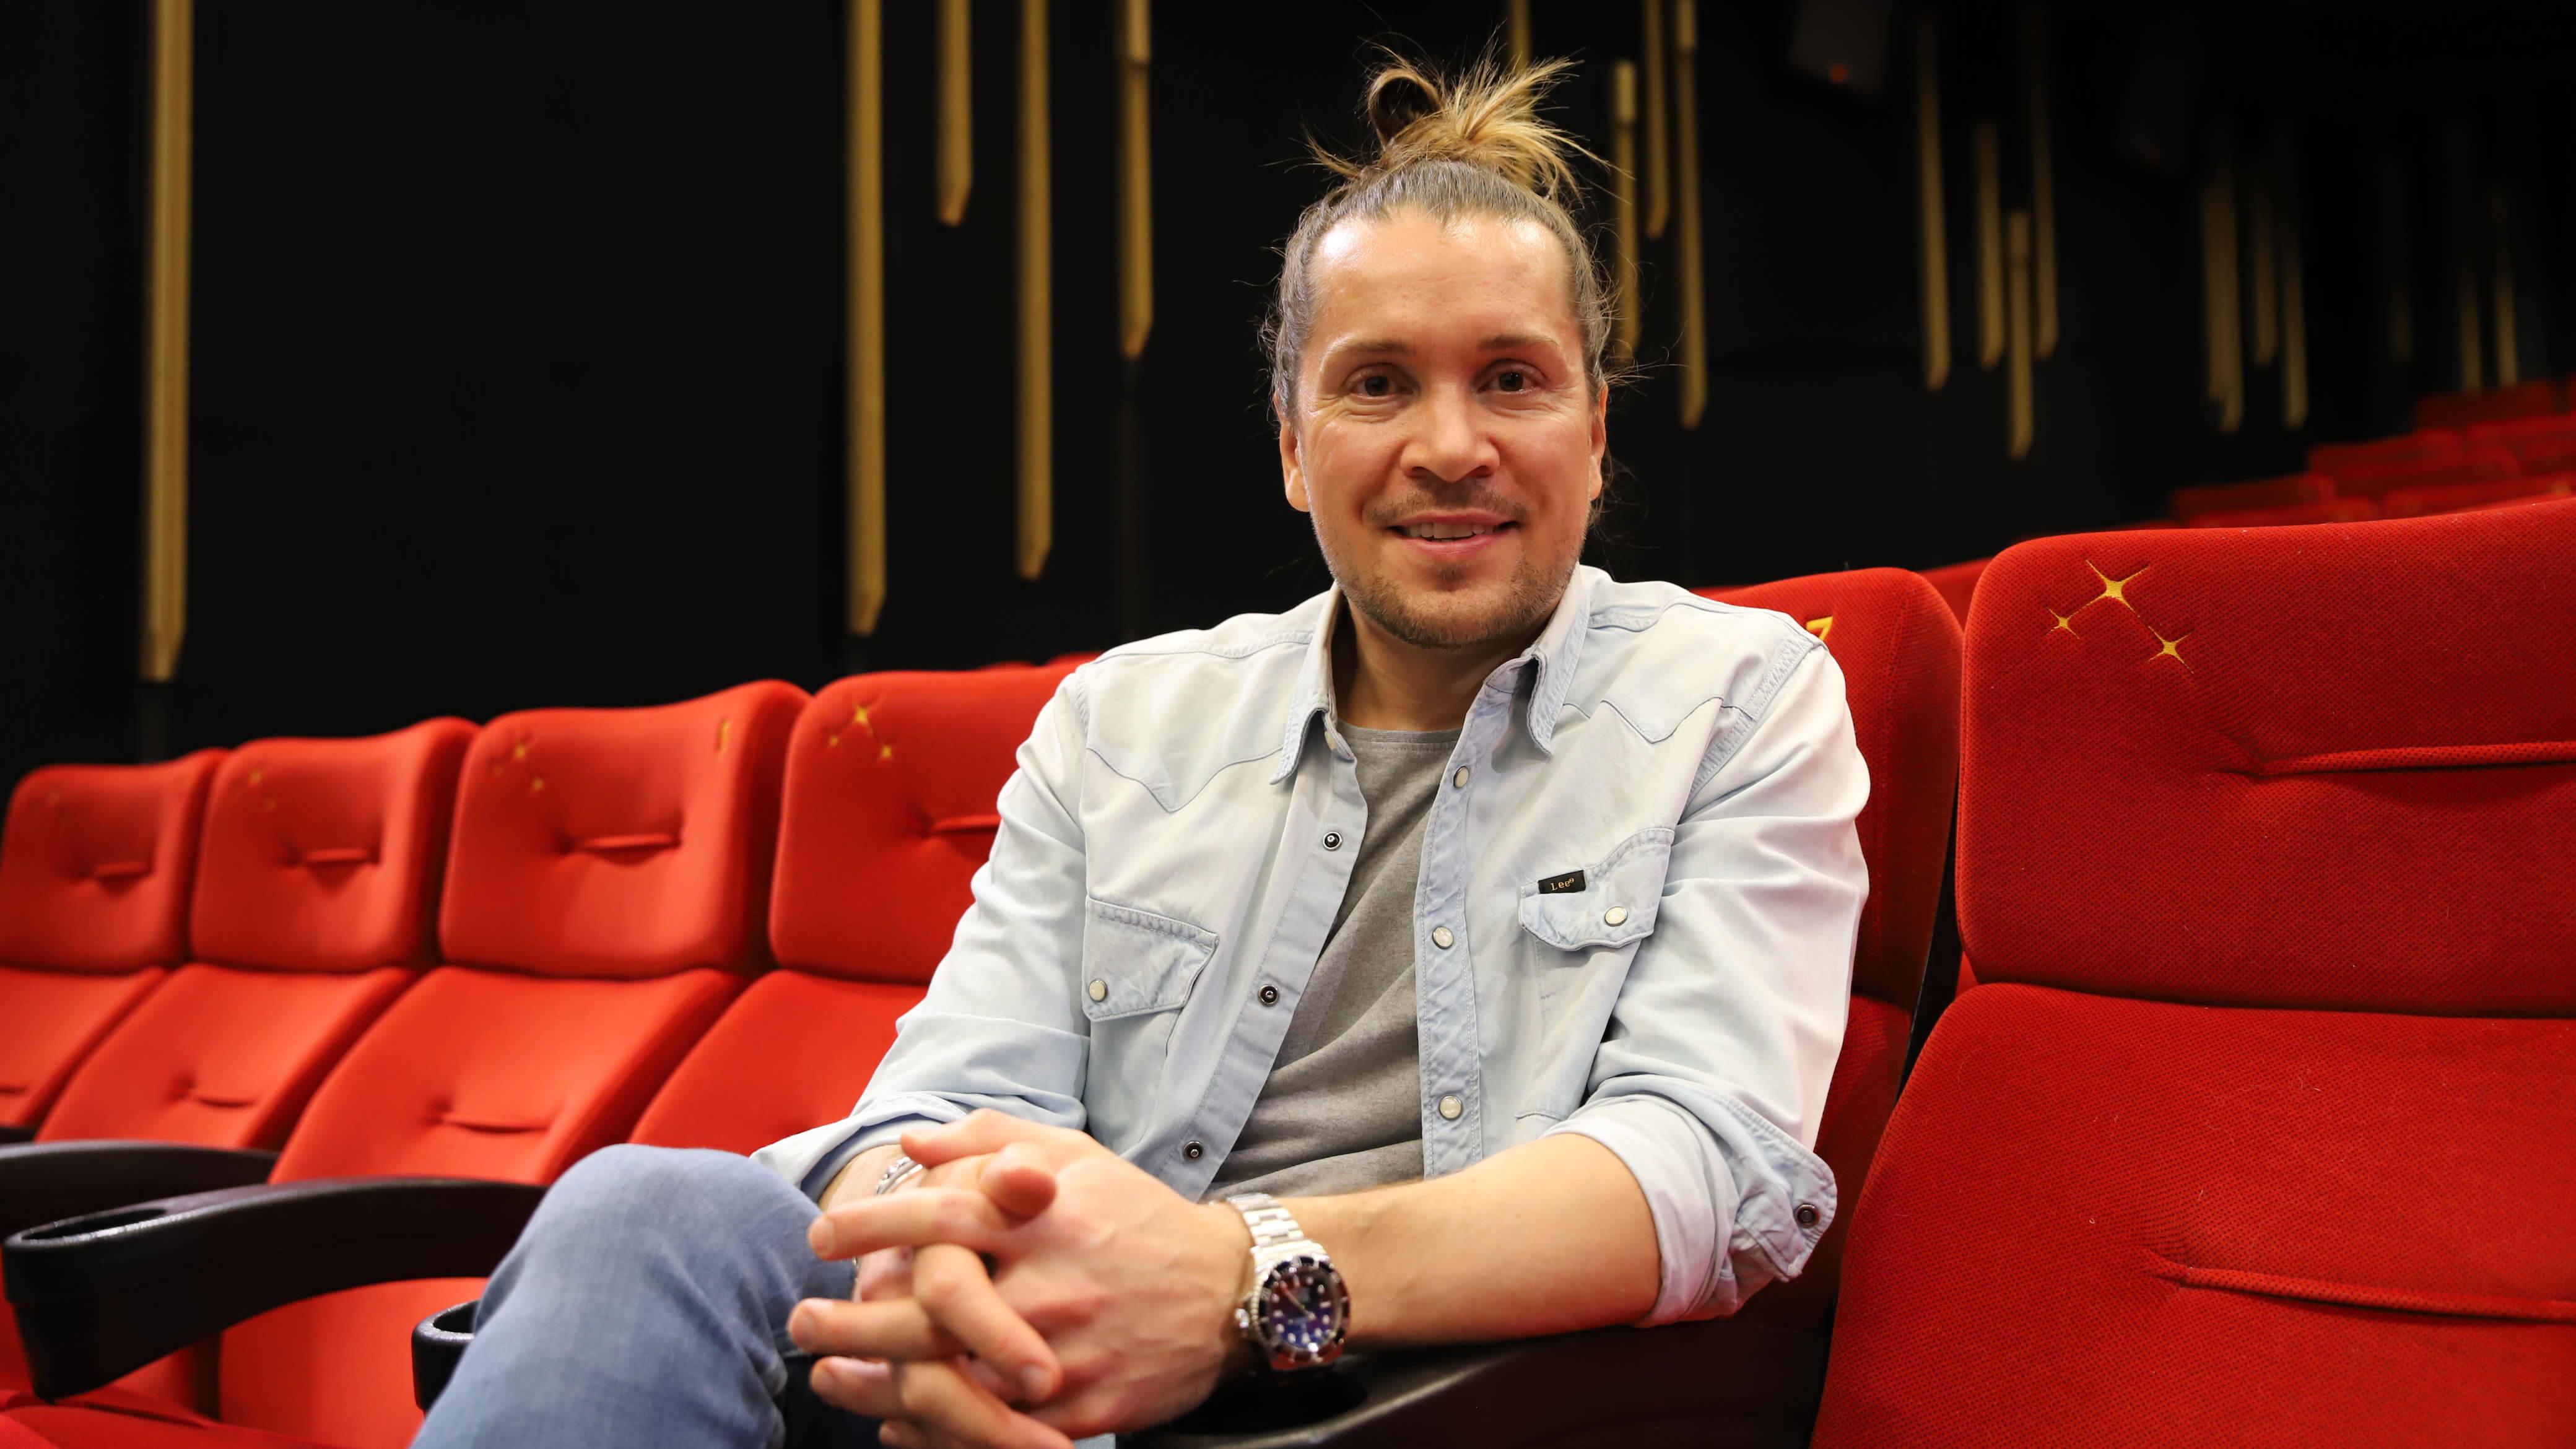 Elokuva-ohjaaja Taneli Mustonen elokuvateatterissa.